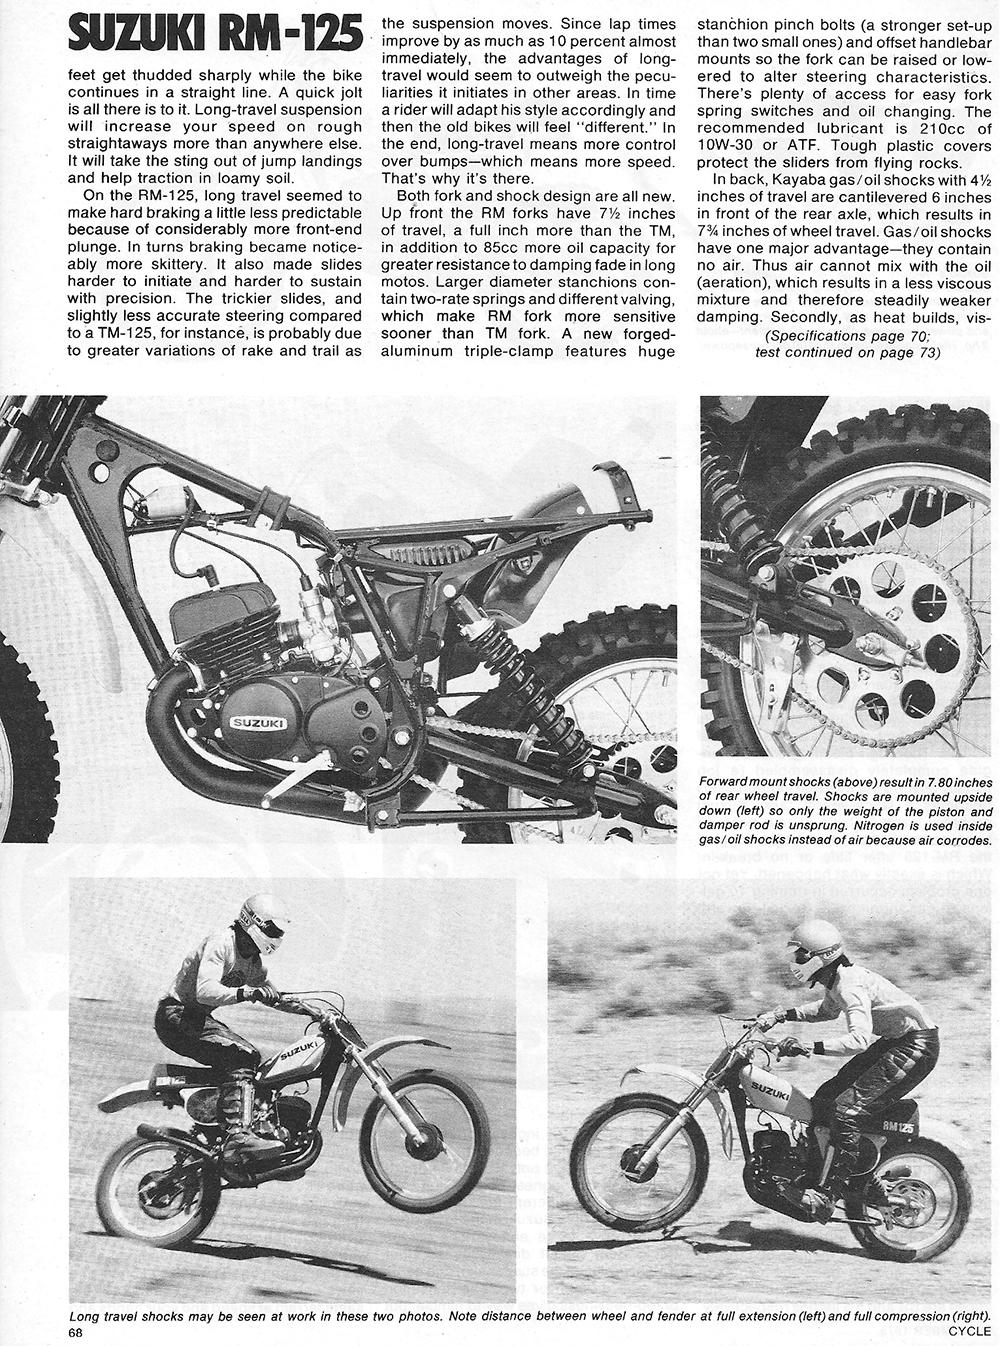 1975 Suzuki RM 125 road test 3.jpg